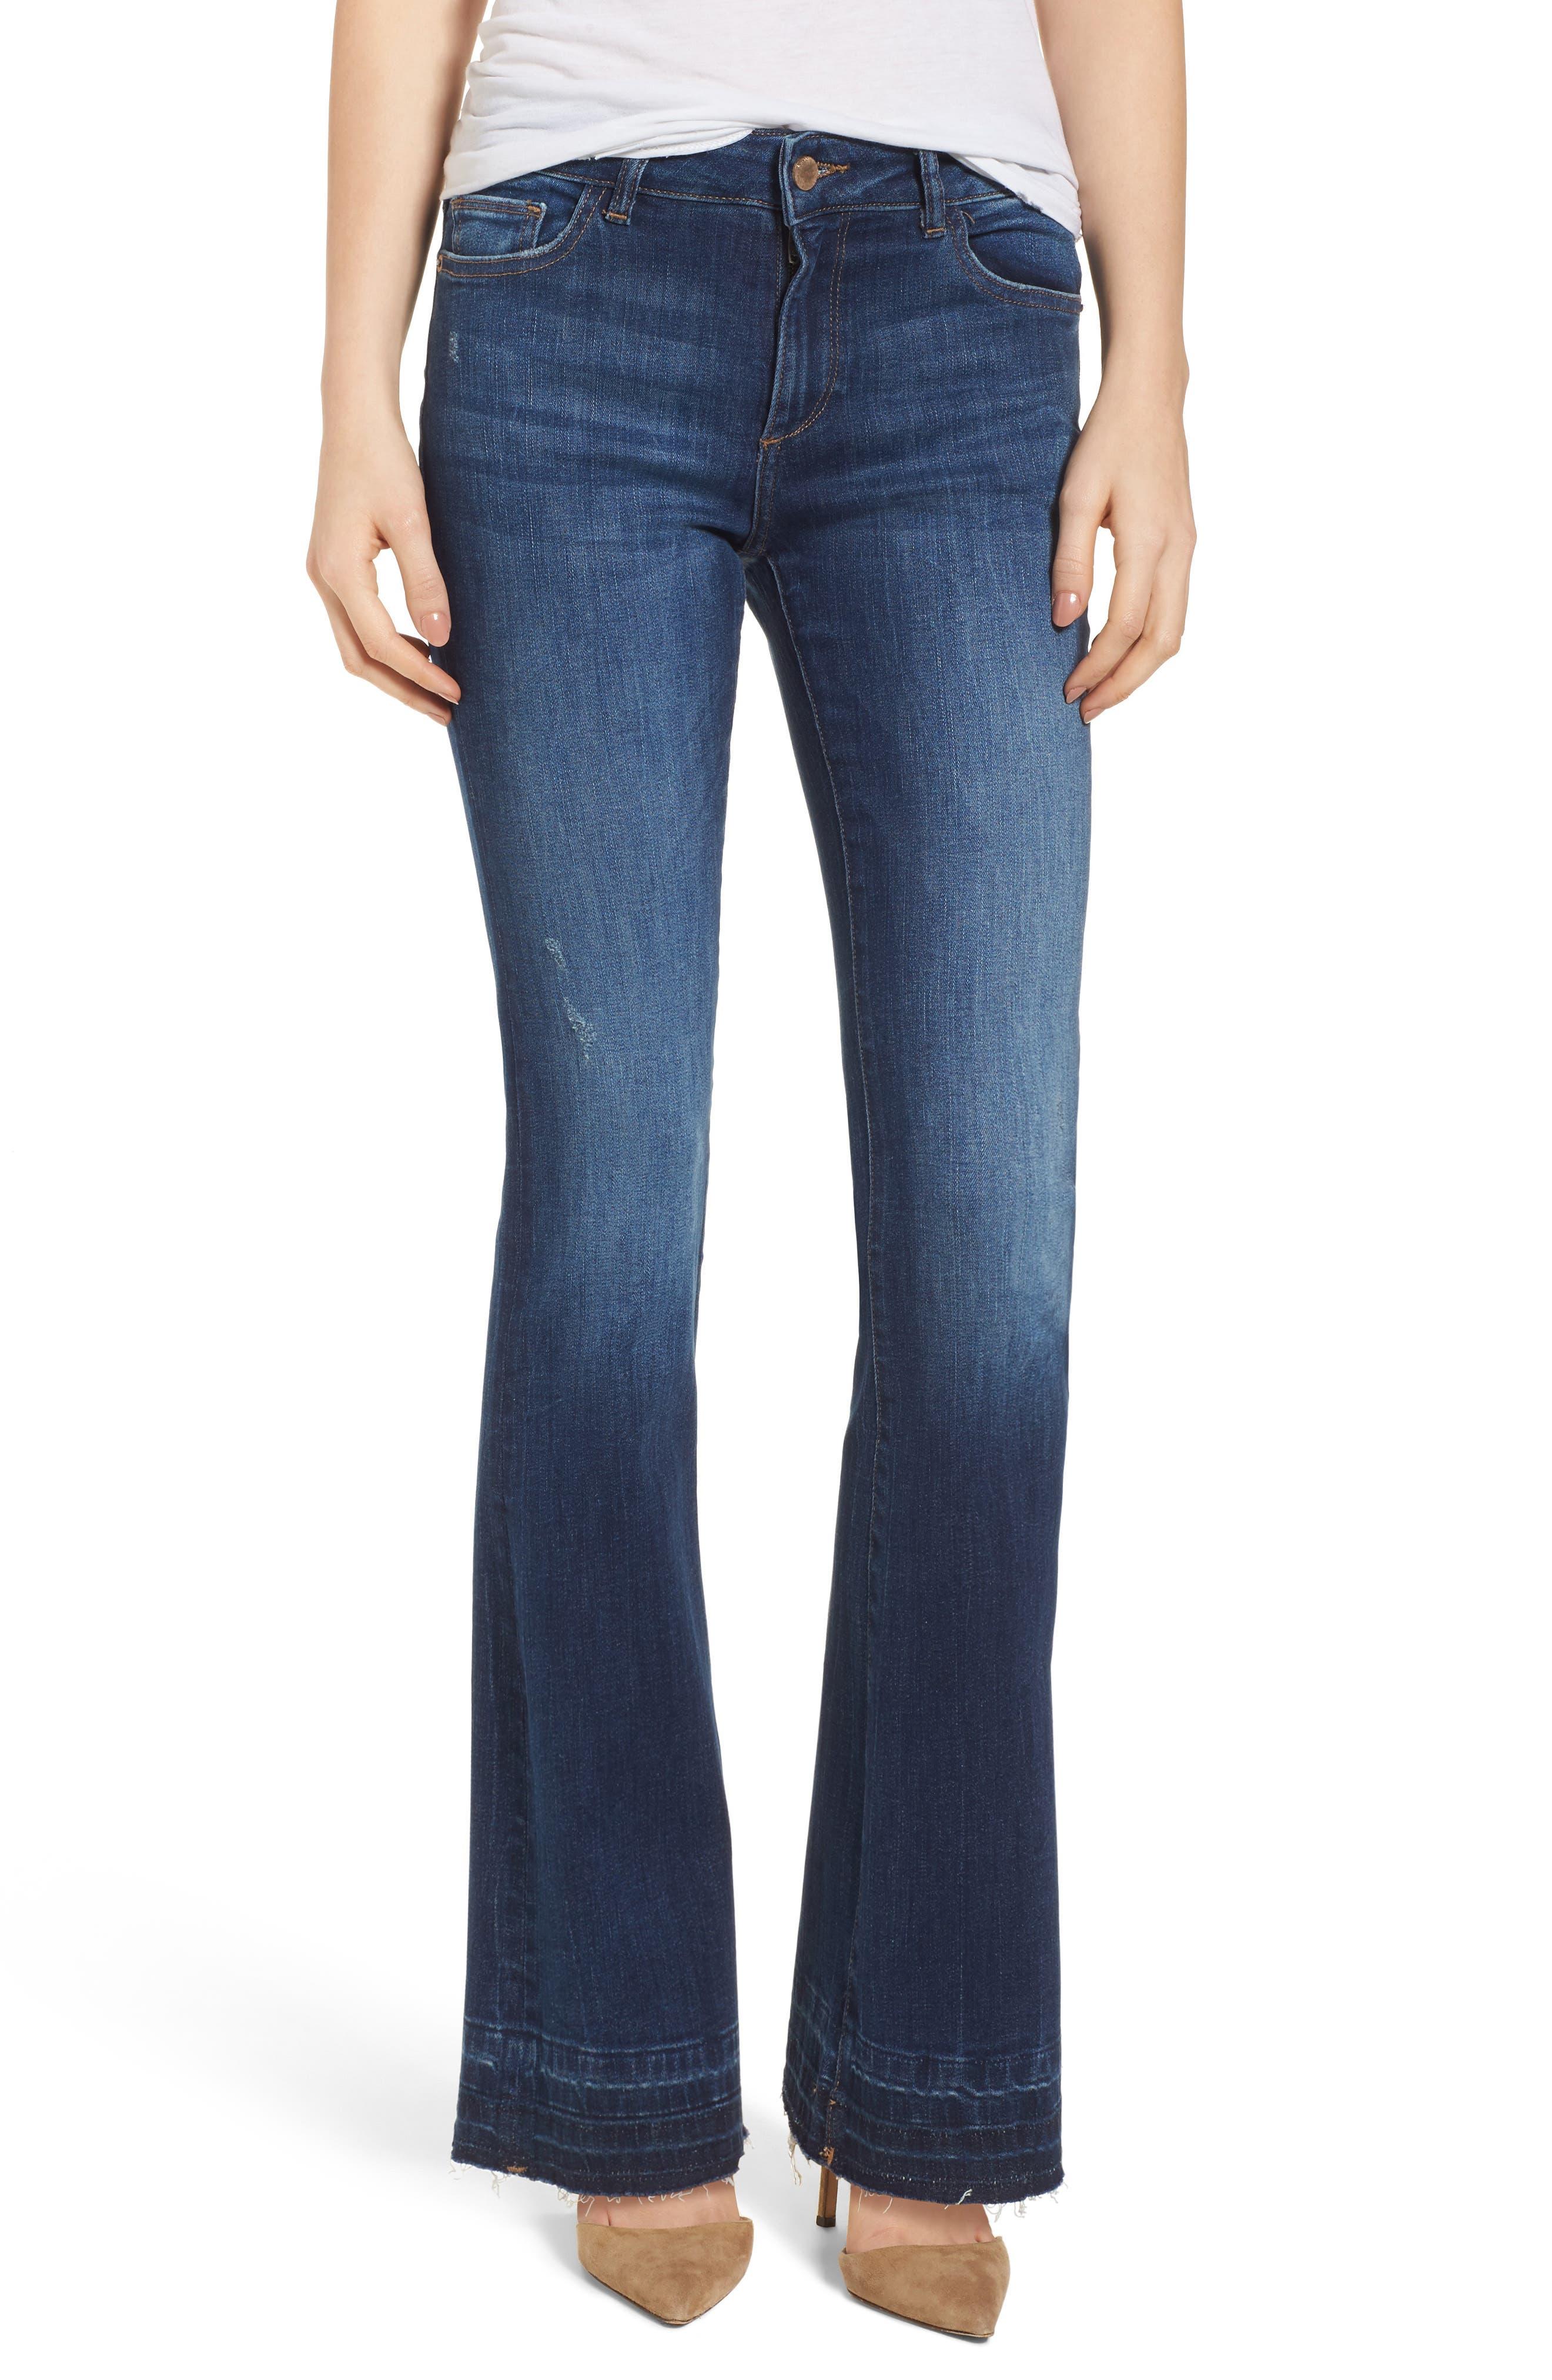 Bridget Instasculpt Bootcut Jeans,                             Main thumbnail 1, color,                             405